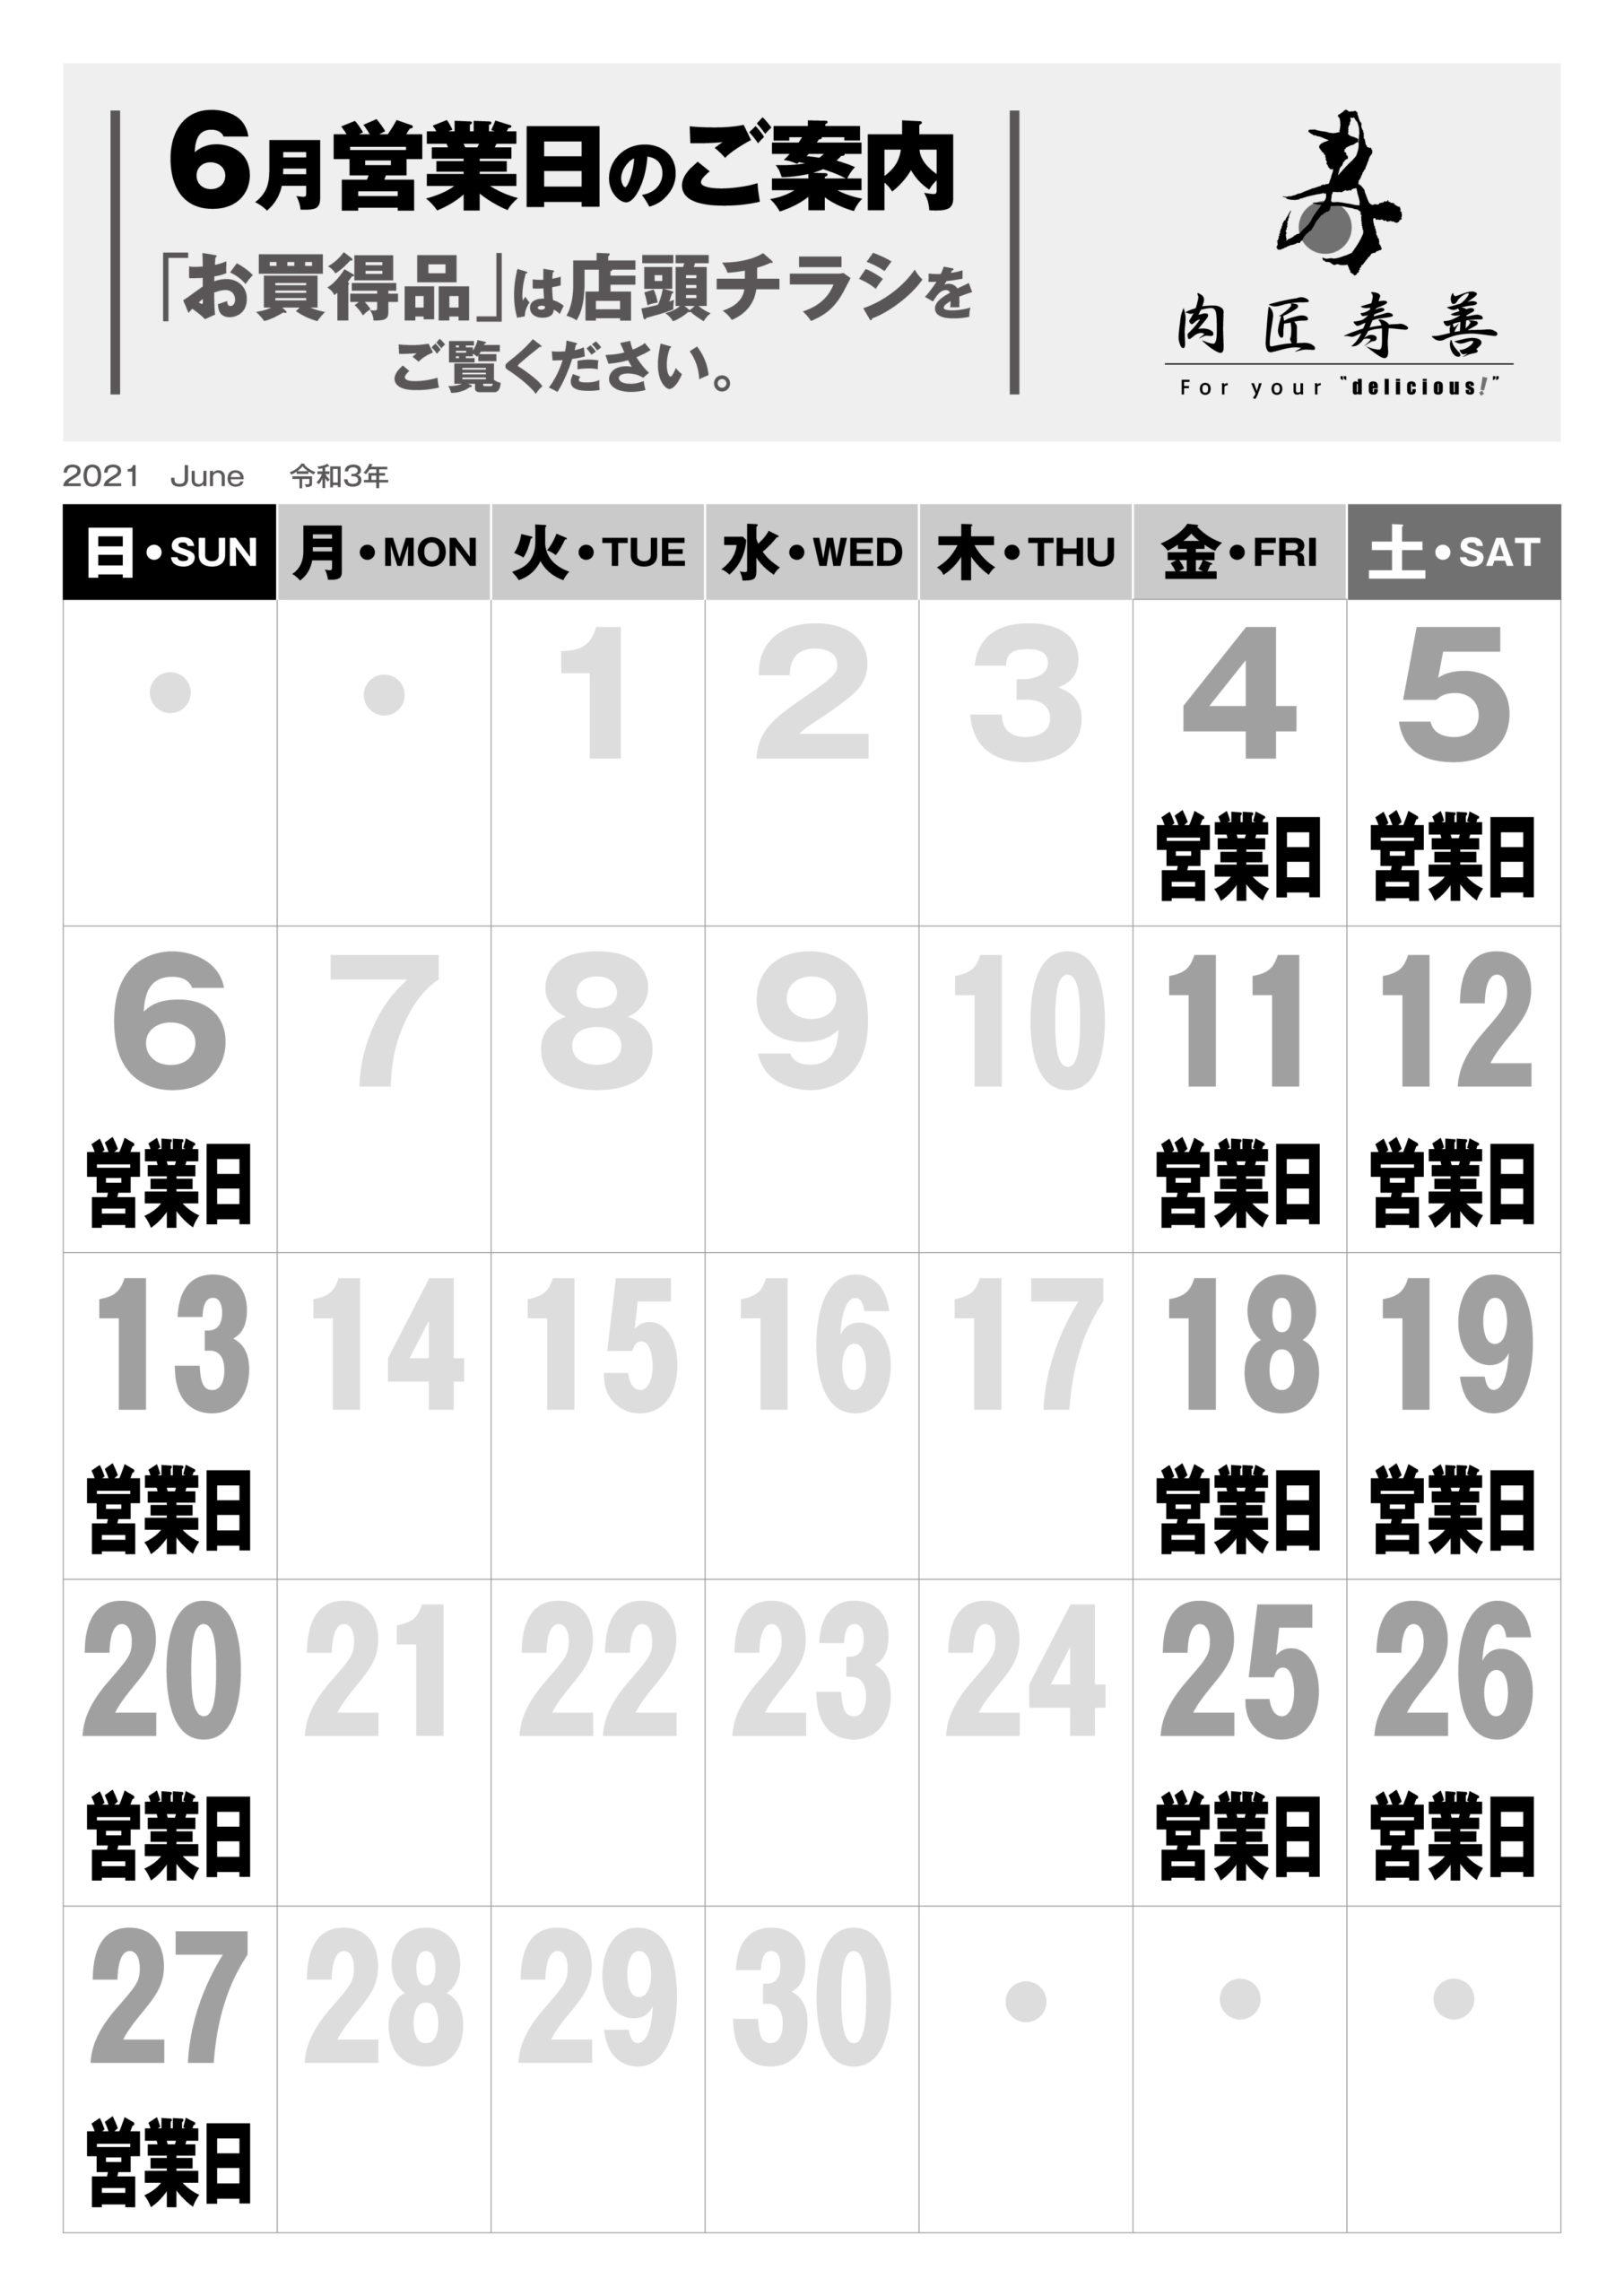 営業カレンダーを掲載しました